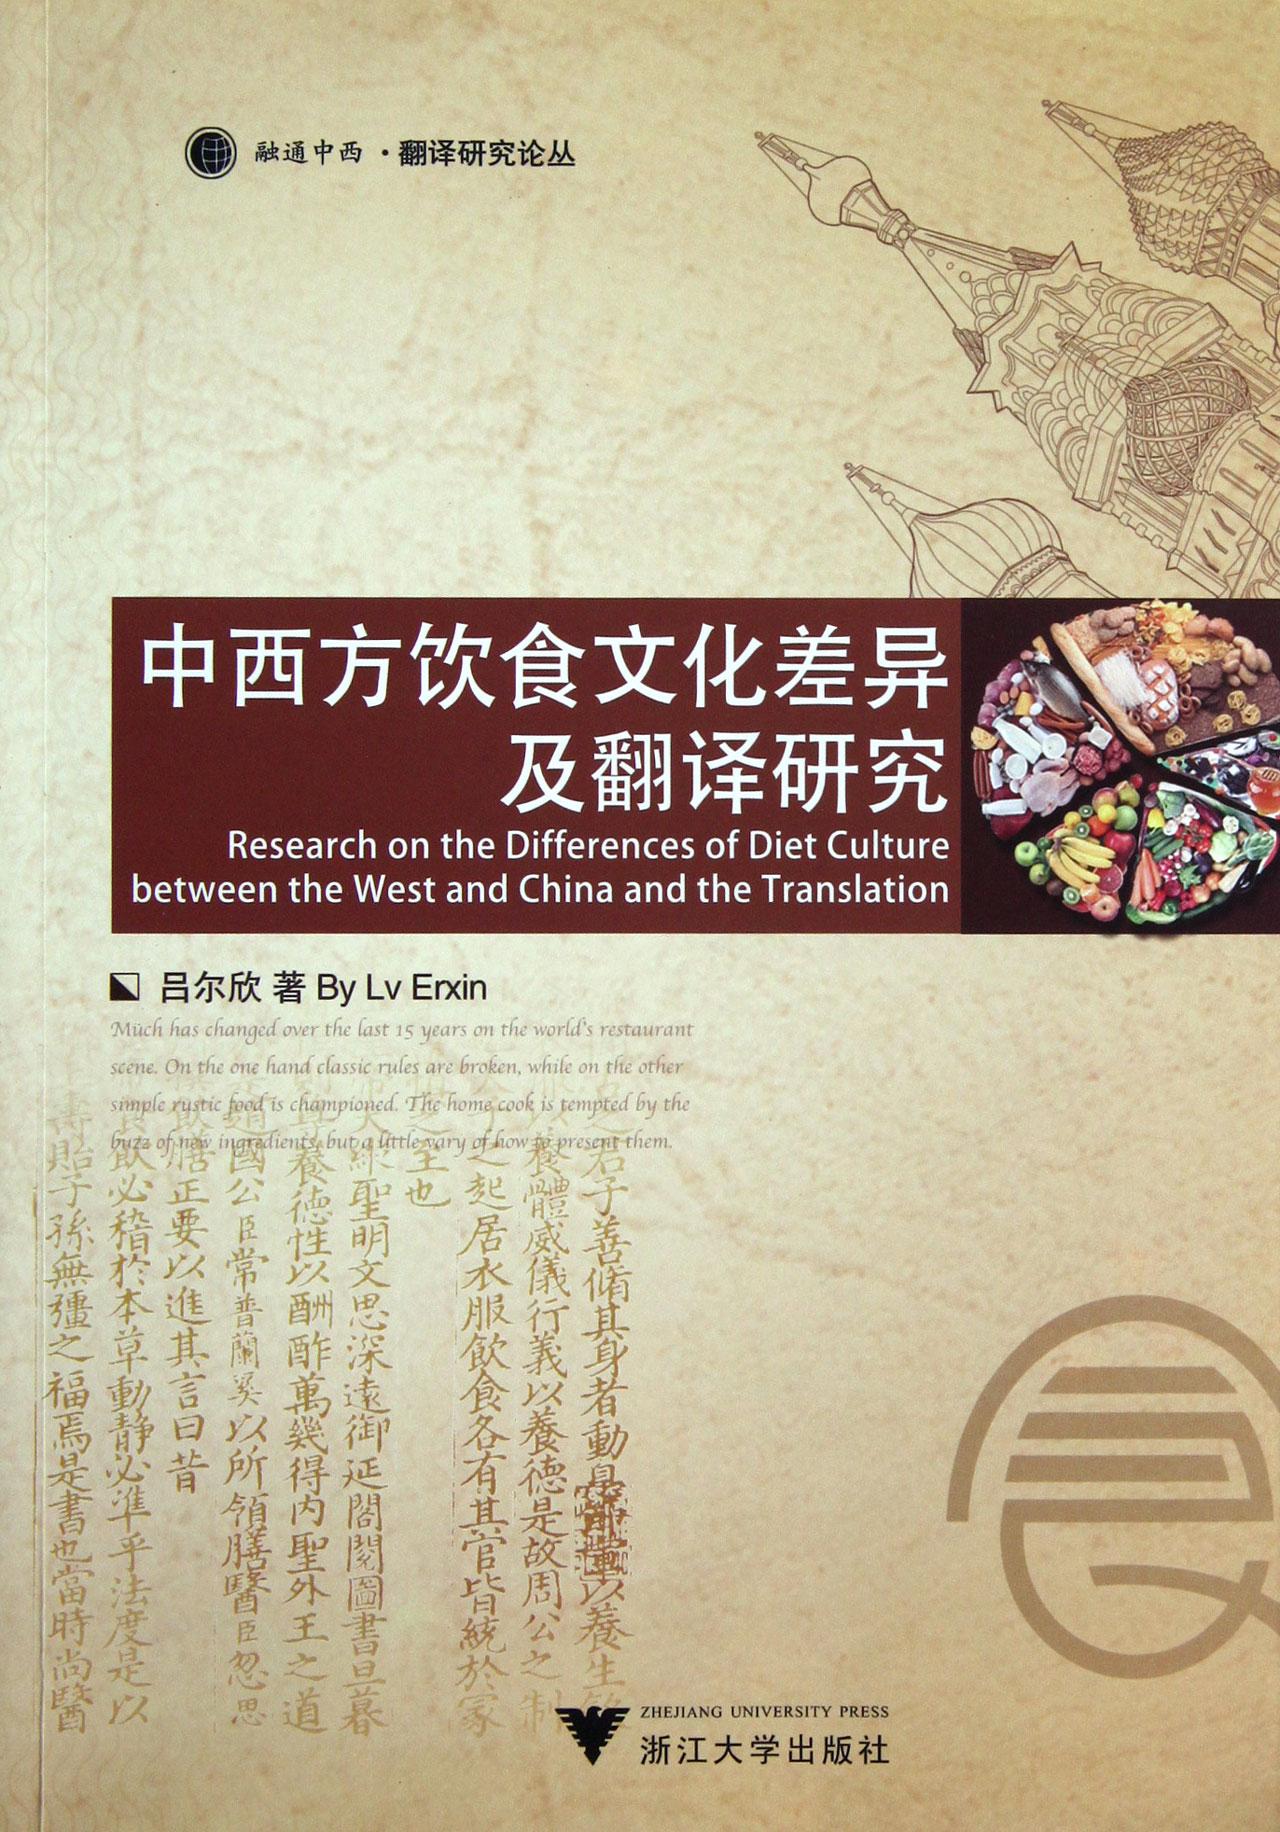 中西方饮食文化差异及翻译研究